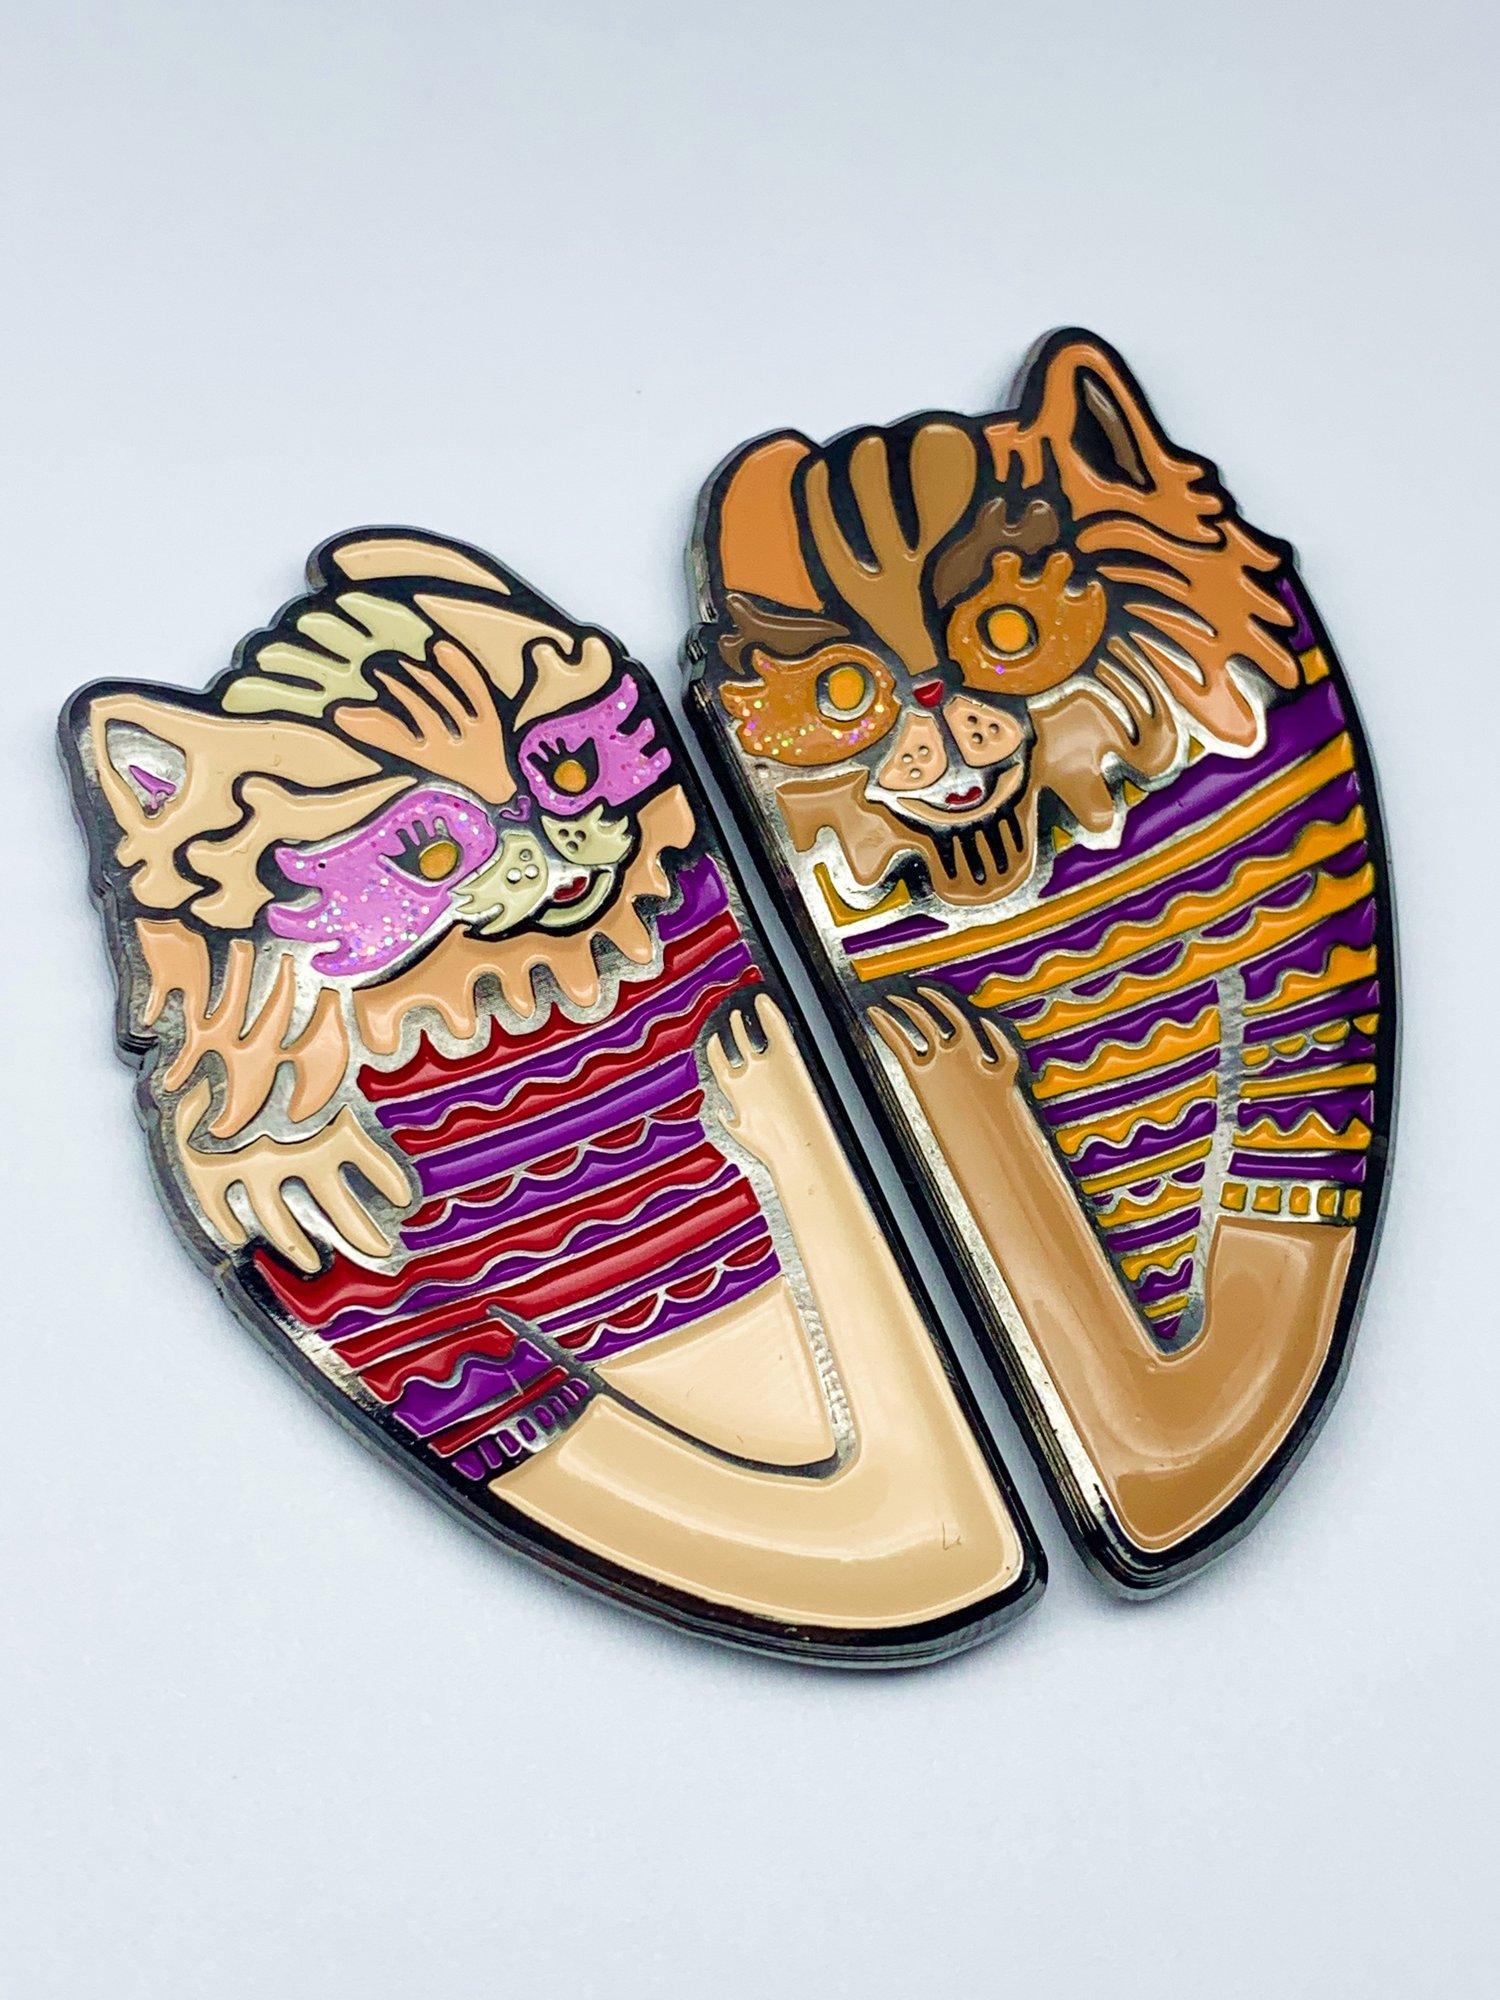 KOOZ - Cutie Cats Pin Set (LE 100)